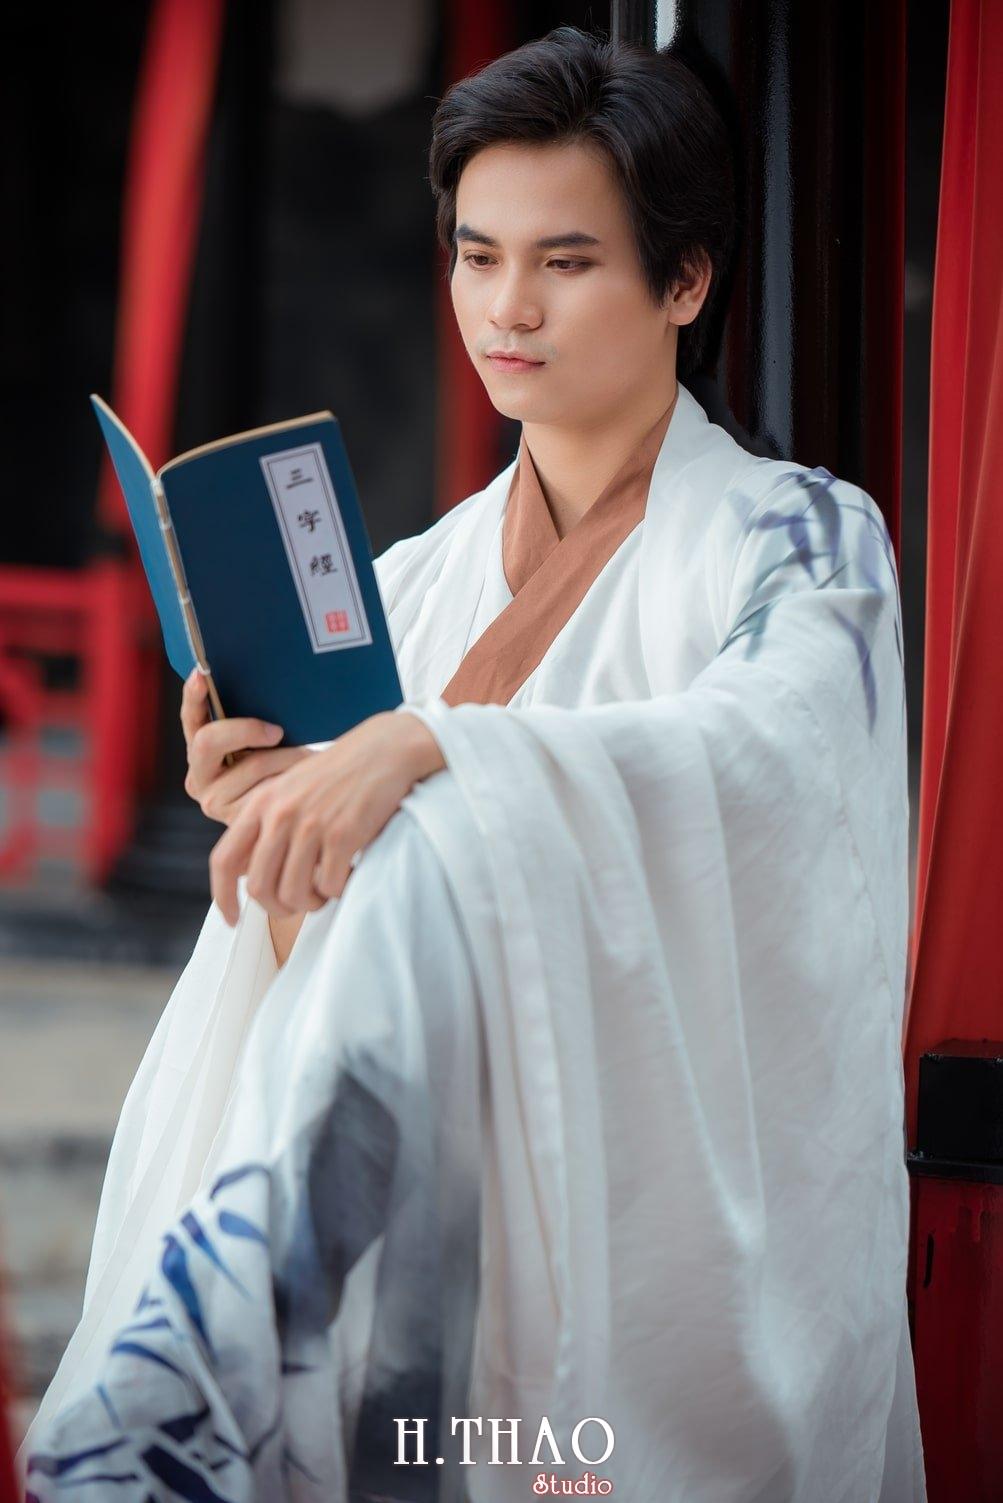 Anh co trang nam 6 - Album ảnh cổ trang nam phong cách thư sinh đẹp lạ mắt – HThao Studio